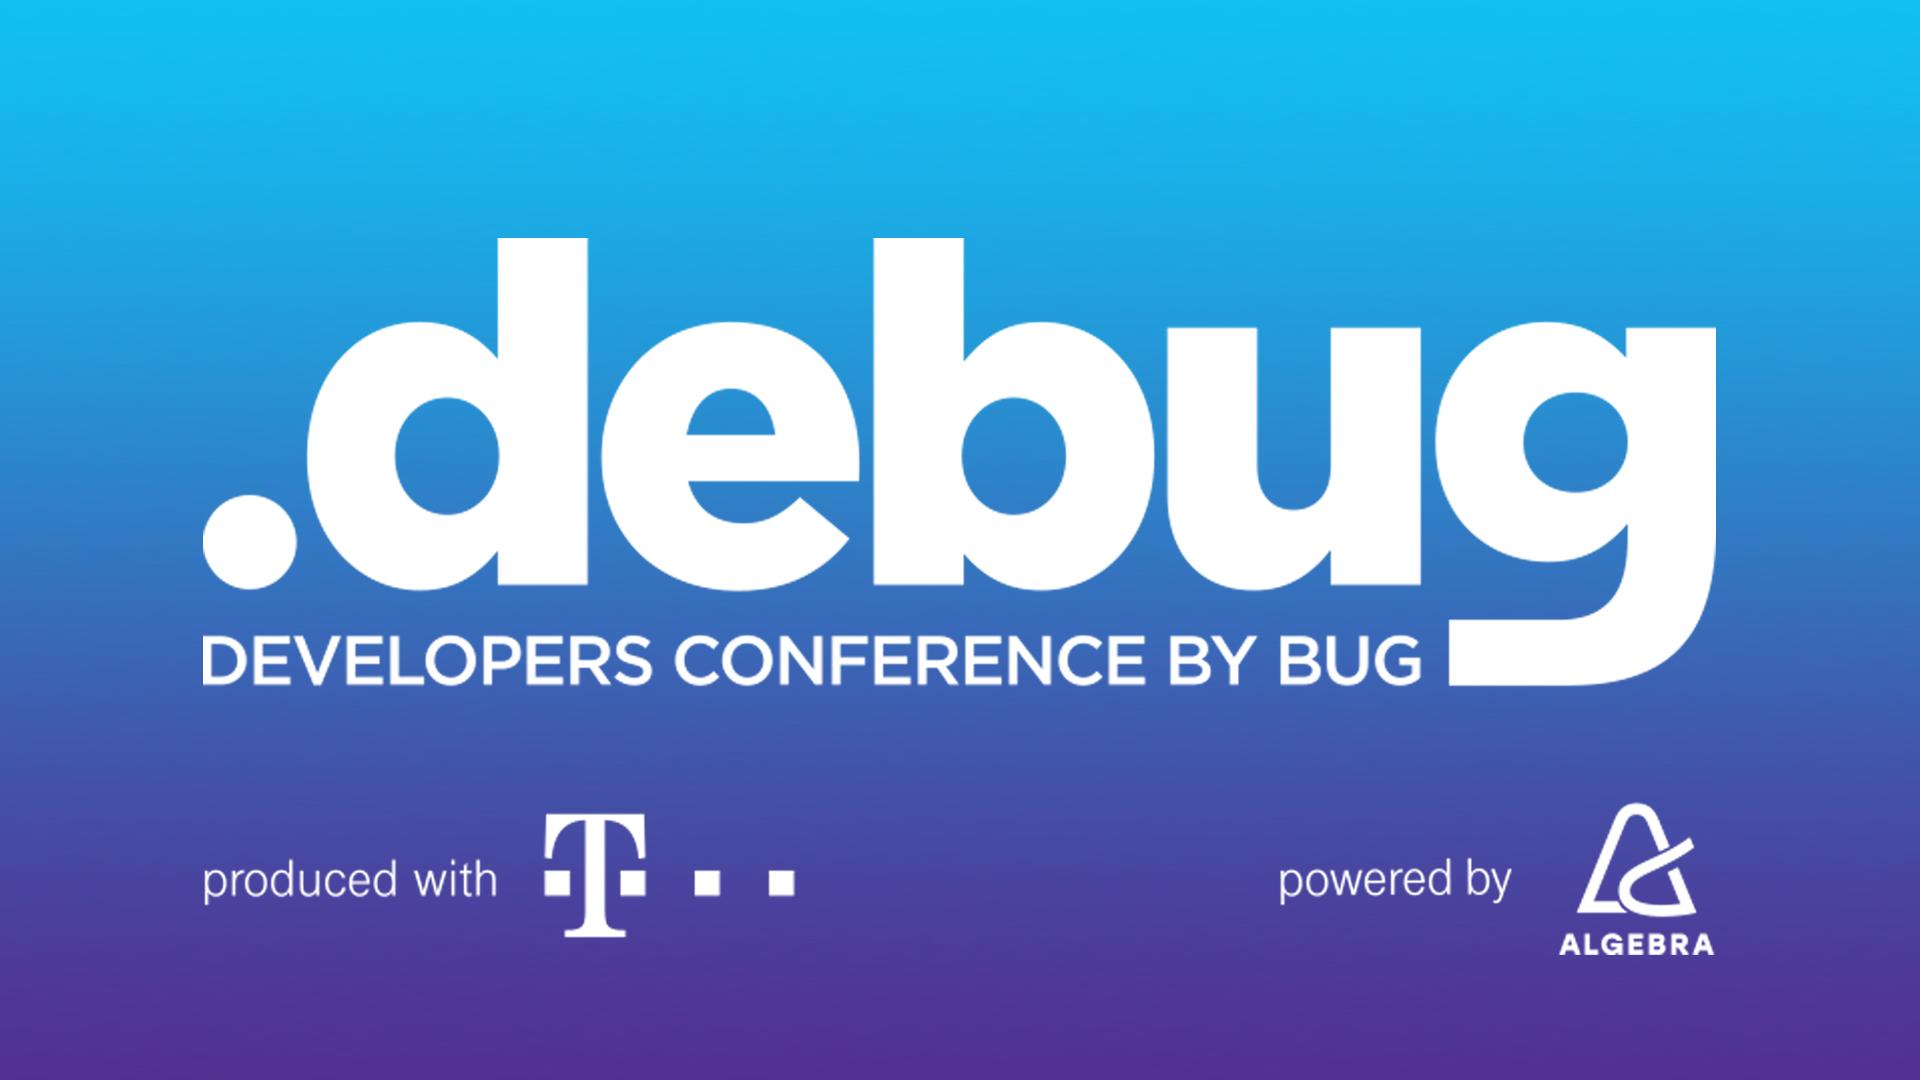 .debug conference